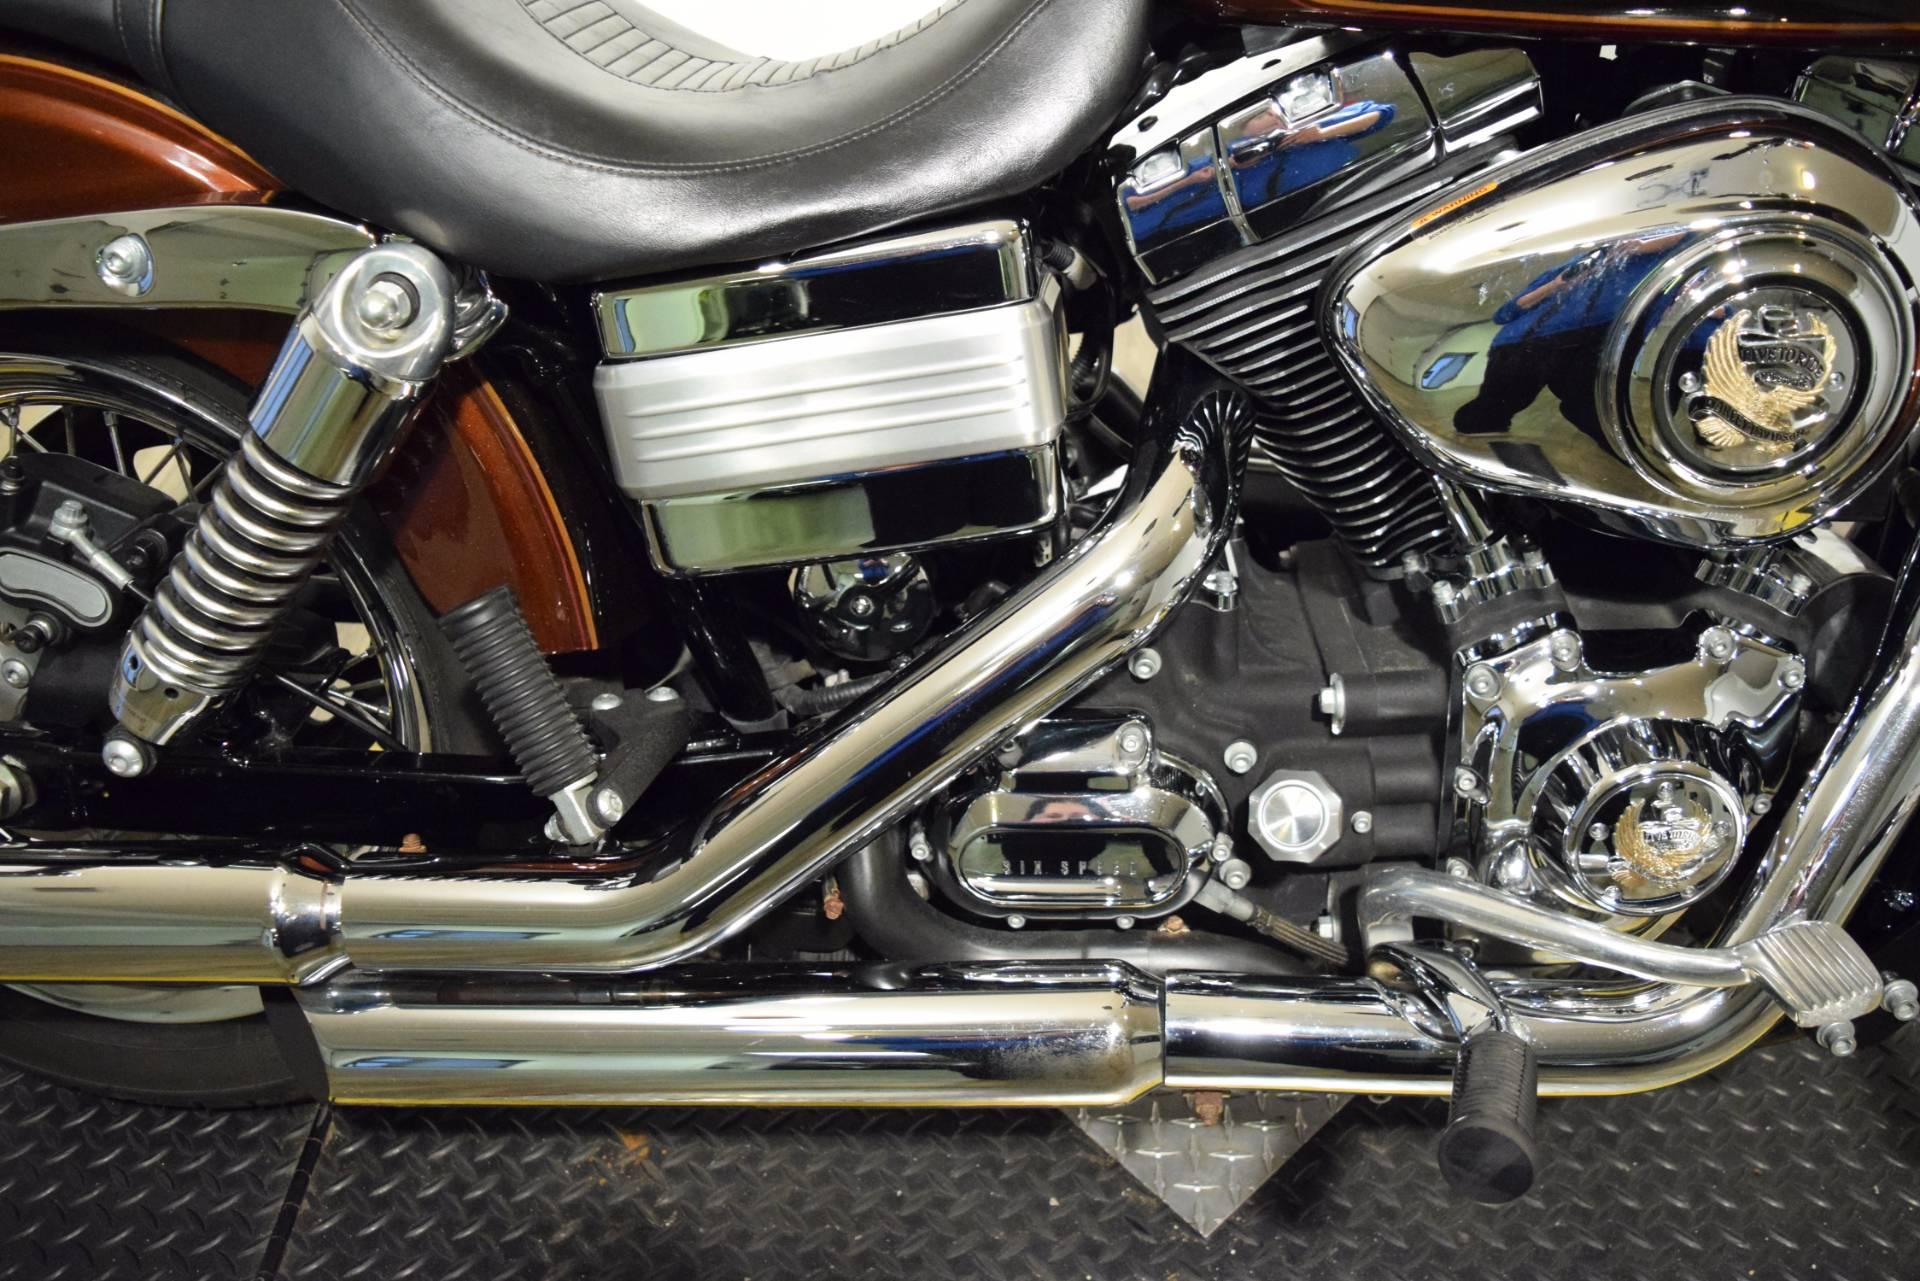 2009 Harley-Davidson Dyna Low Rider 8